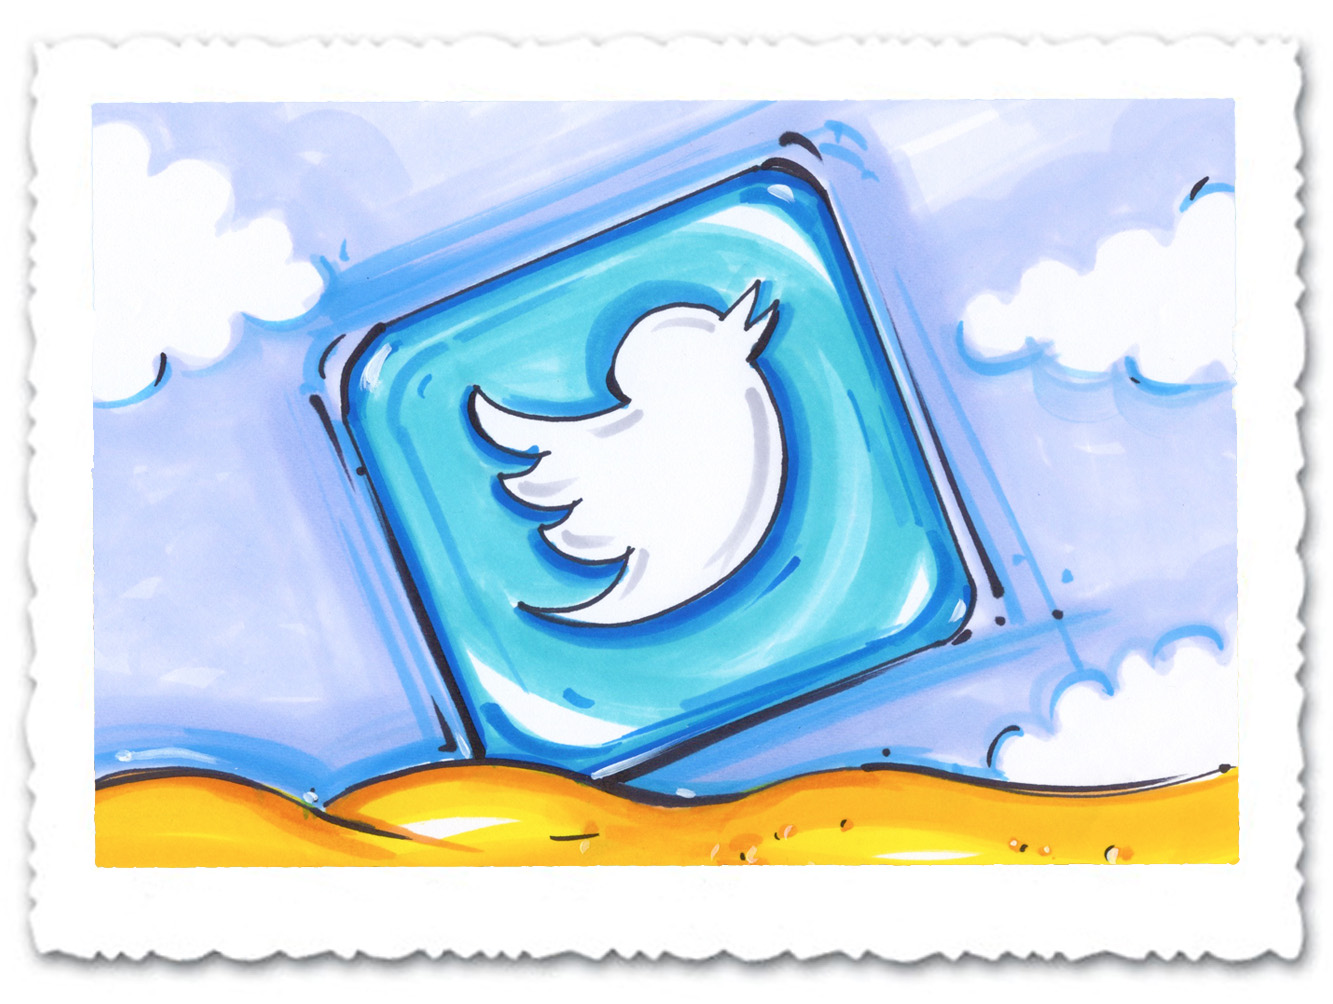 Follow Beach Design on Twitter